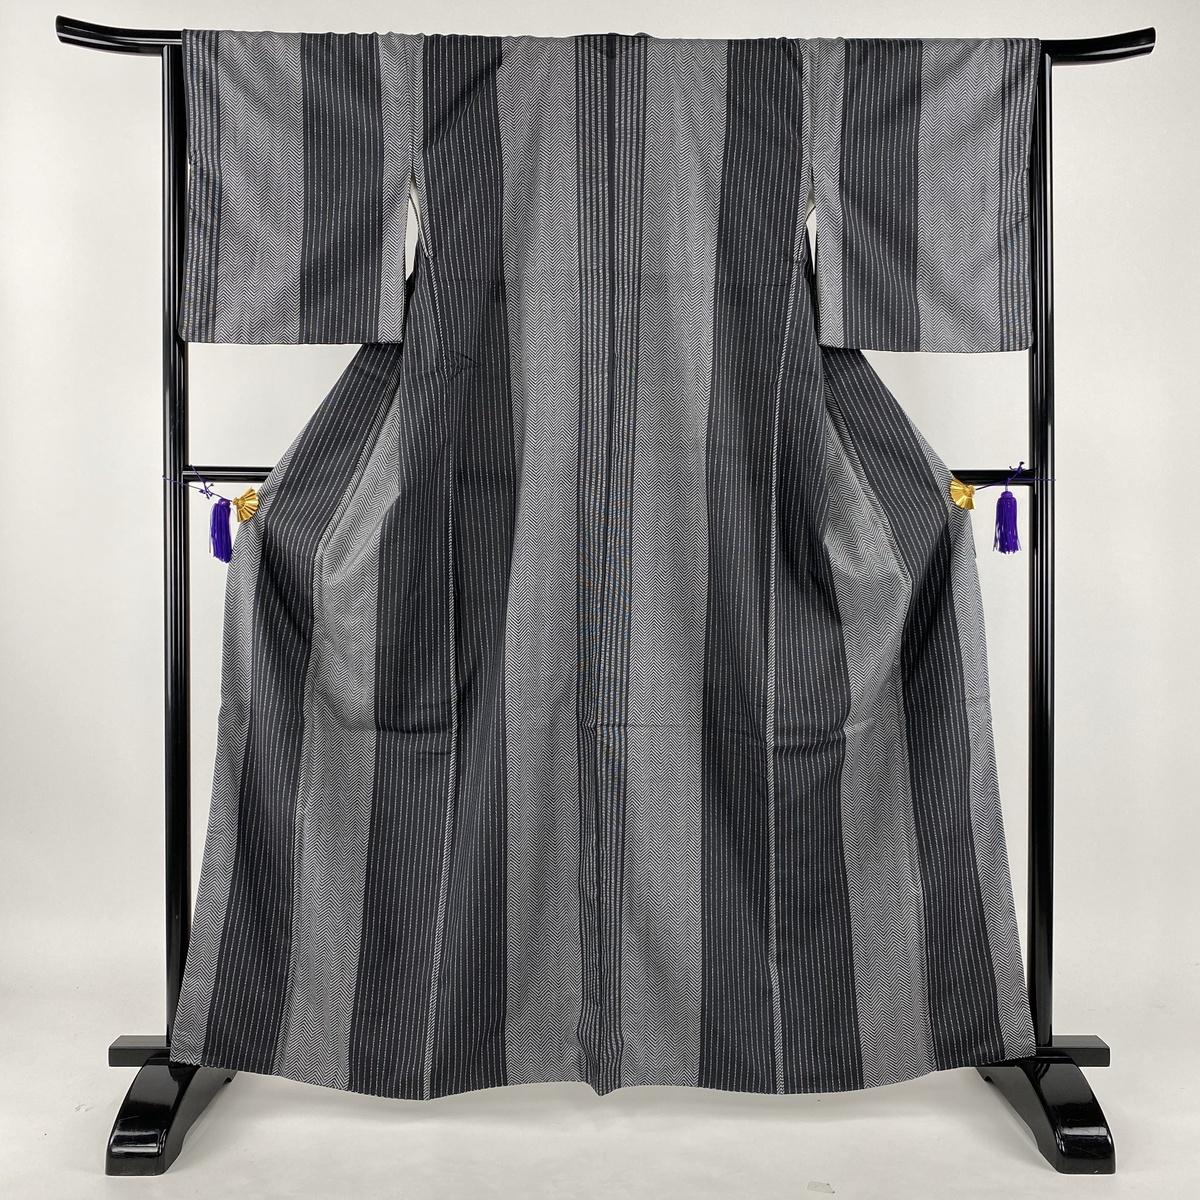 小紋 美品 秀品 大島紬地 縦縞模様 幾何学模様 黒灰 袷 身丈163cm 裄丈66cm M 正絹 【中古】